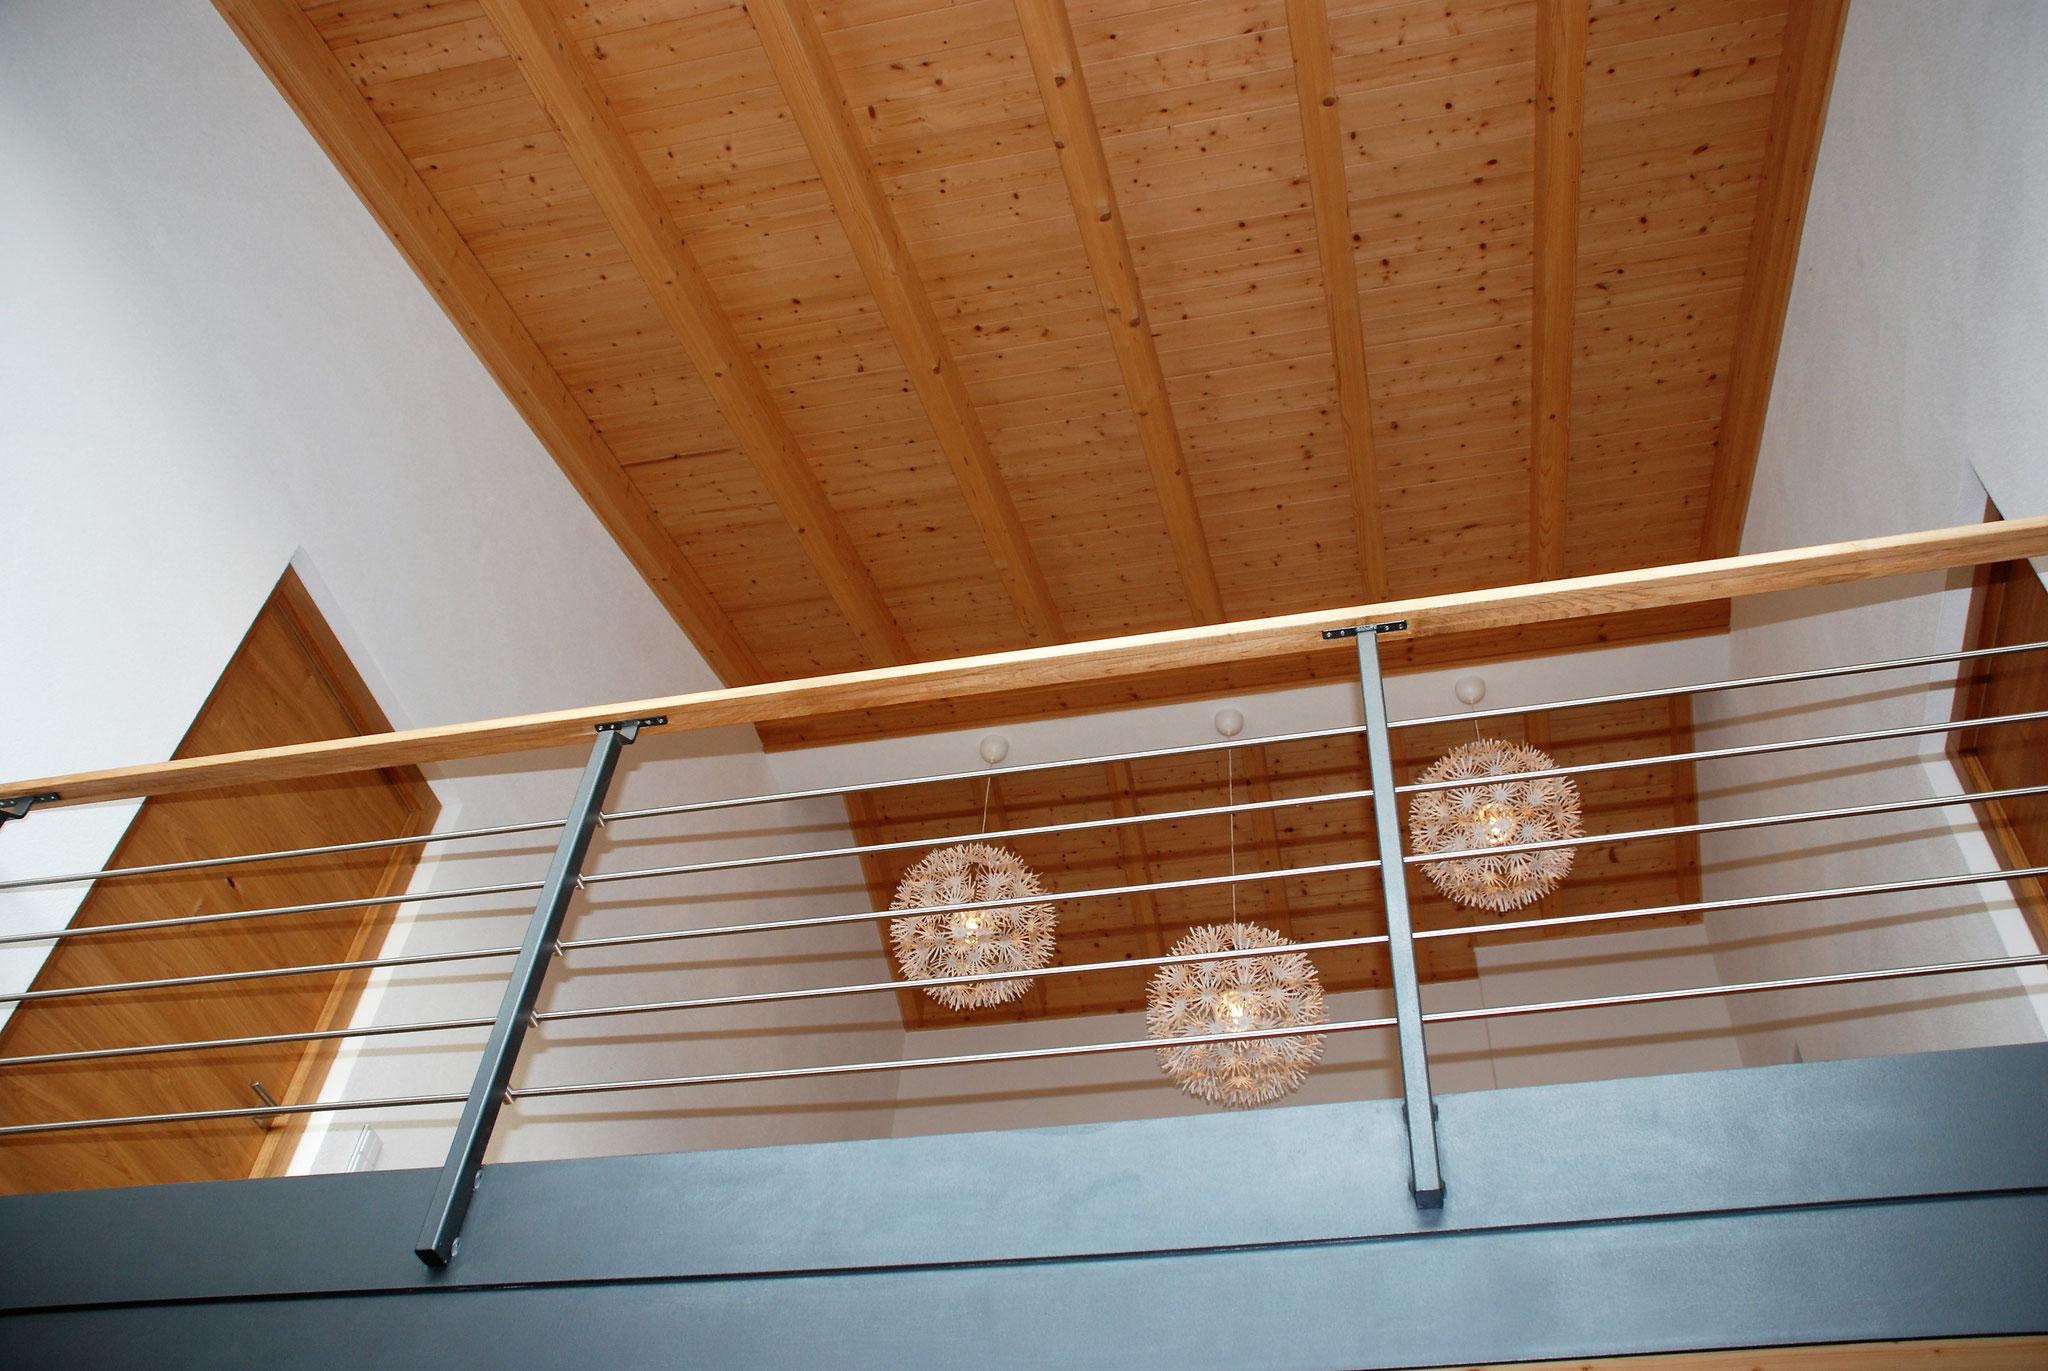 Galeriegeländer aus Edelstall kombiniert mit Holz